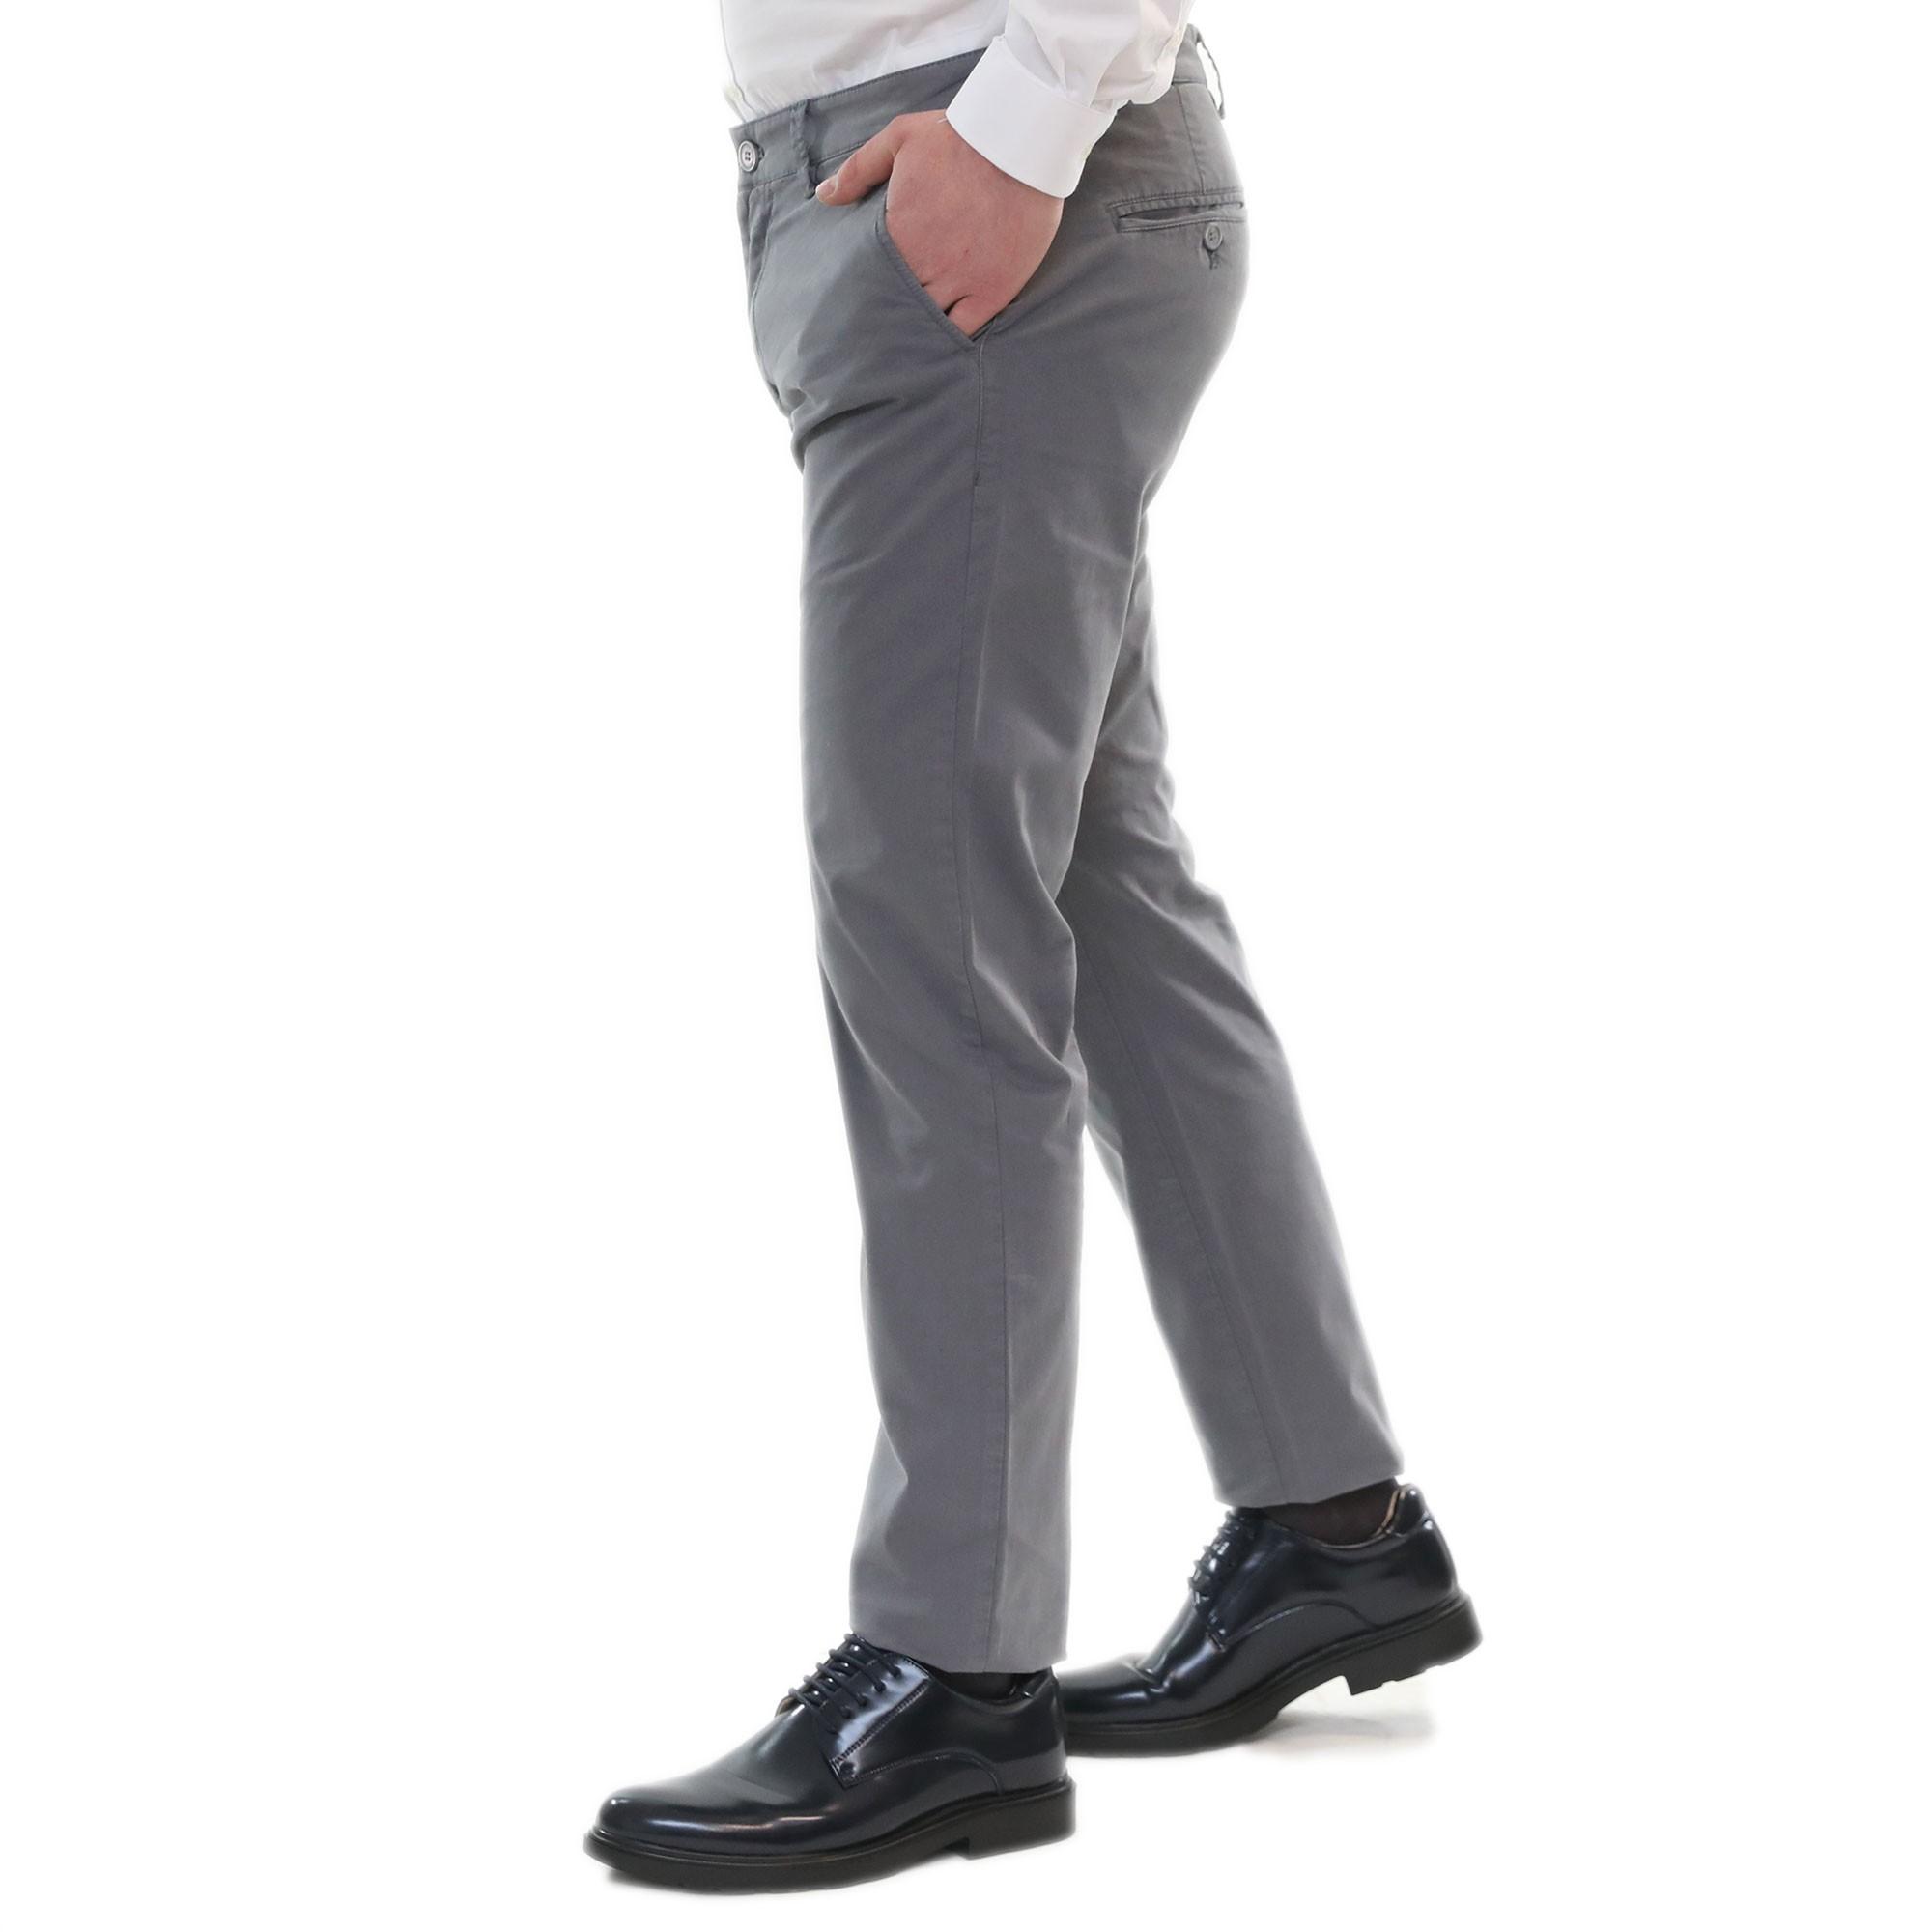 Pantaloni-Uomo-Estivi-Cotone-Chino-Slim-Fit-Elegante-Tasche-America miniatura 13